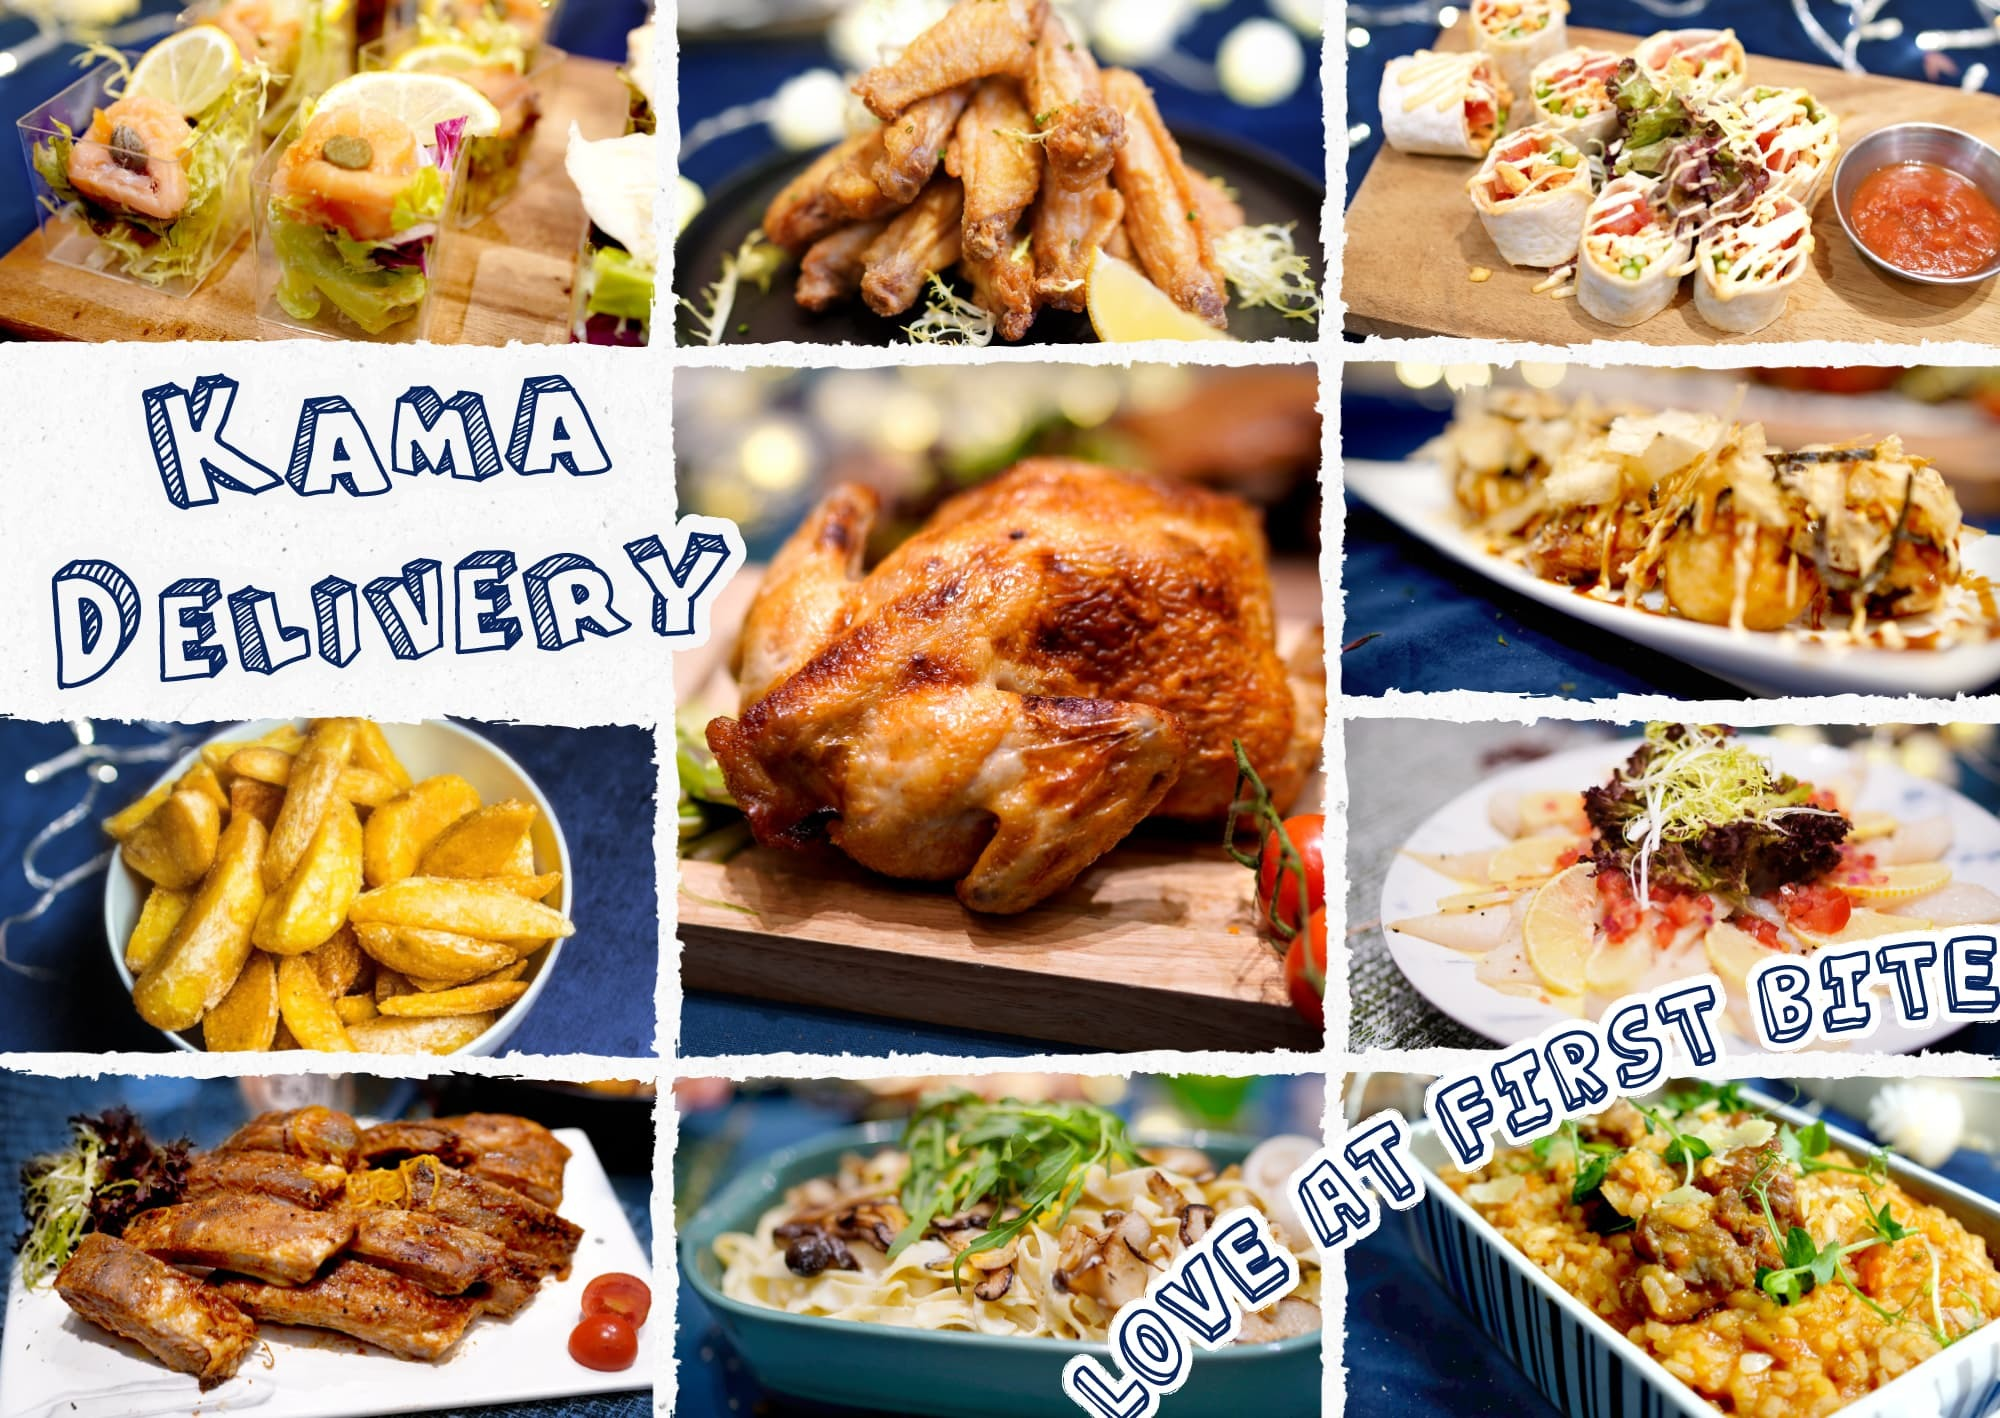 到會45人外賣.推介首選 Kama Delivery除了提供特色平價單點美食外,更打造出多款到會套餐,並承接多人大型到會服務。不論是私人派對或是公司活動,Kama Delivery必定是訂購Party Food的最佳之選!